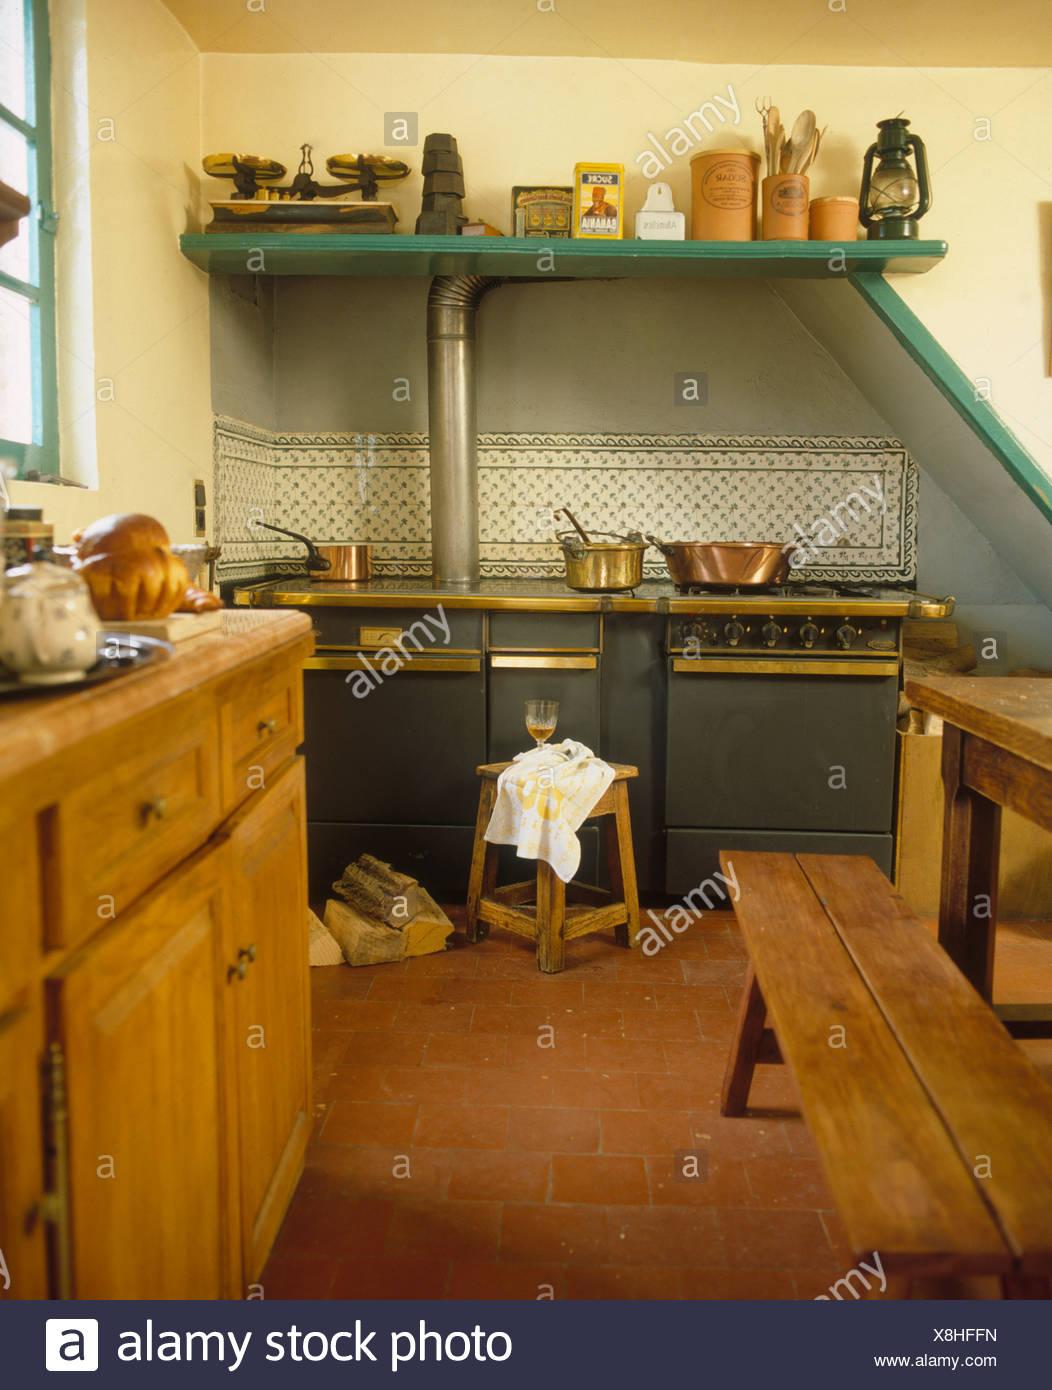 Moderno Fotos De Decoración De La Cocina Francés Del País Modelo ...